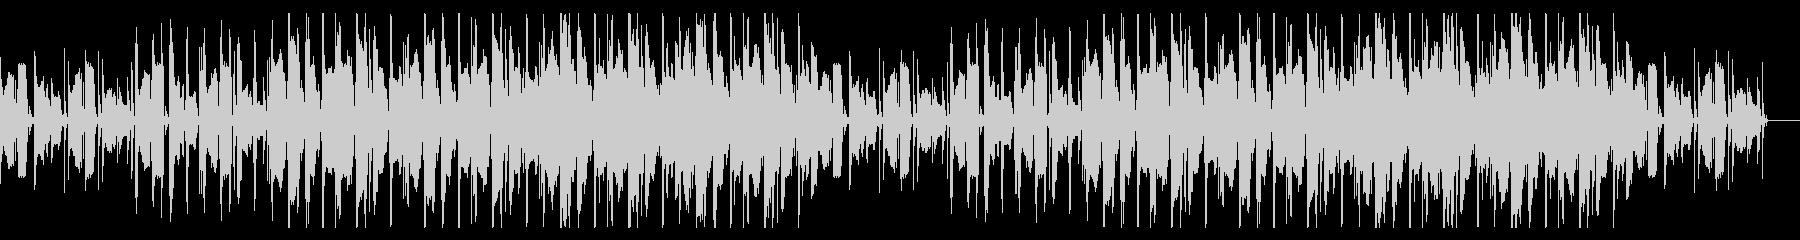 サウンドロゴ、CM,映像制作向けR&Bの未再生の波形